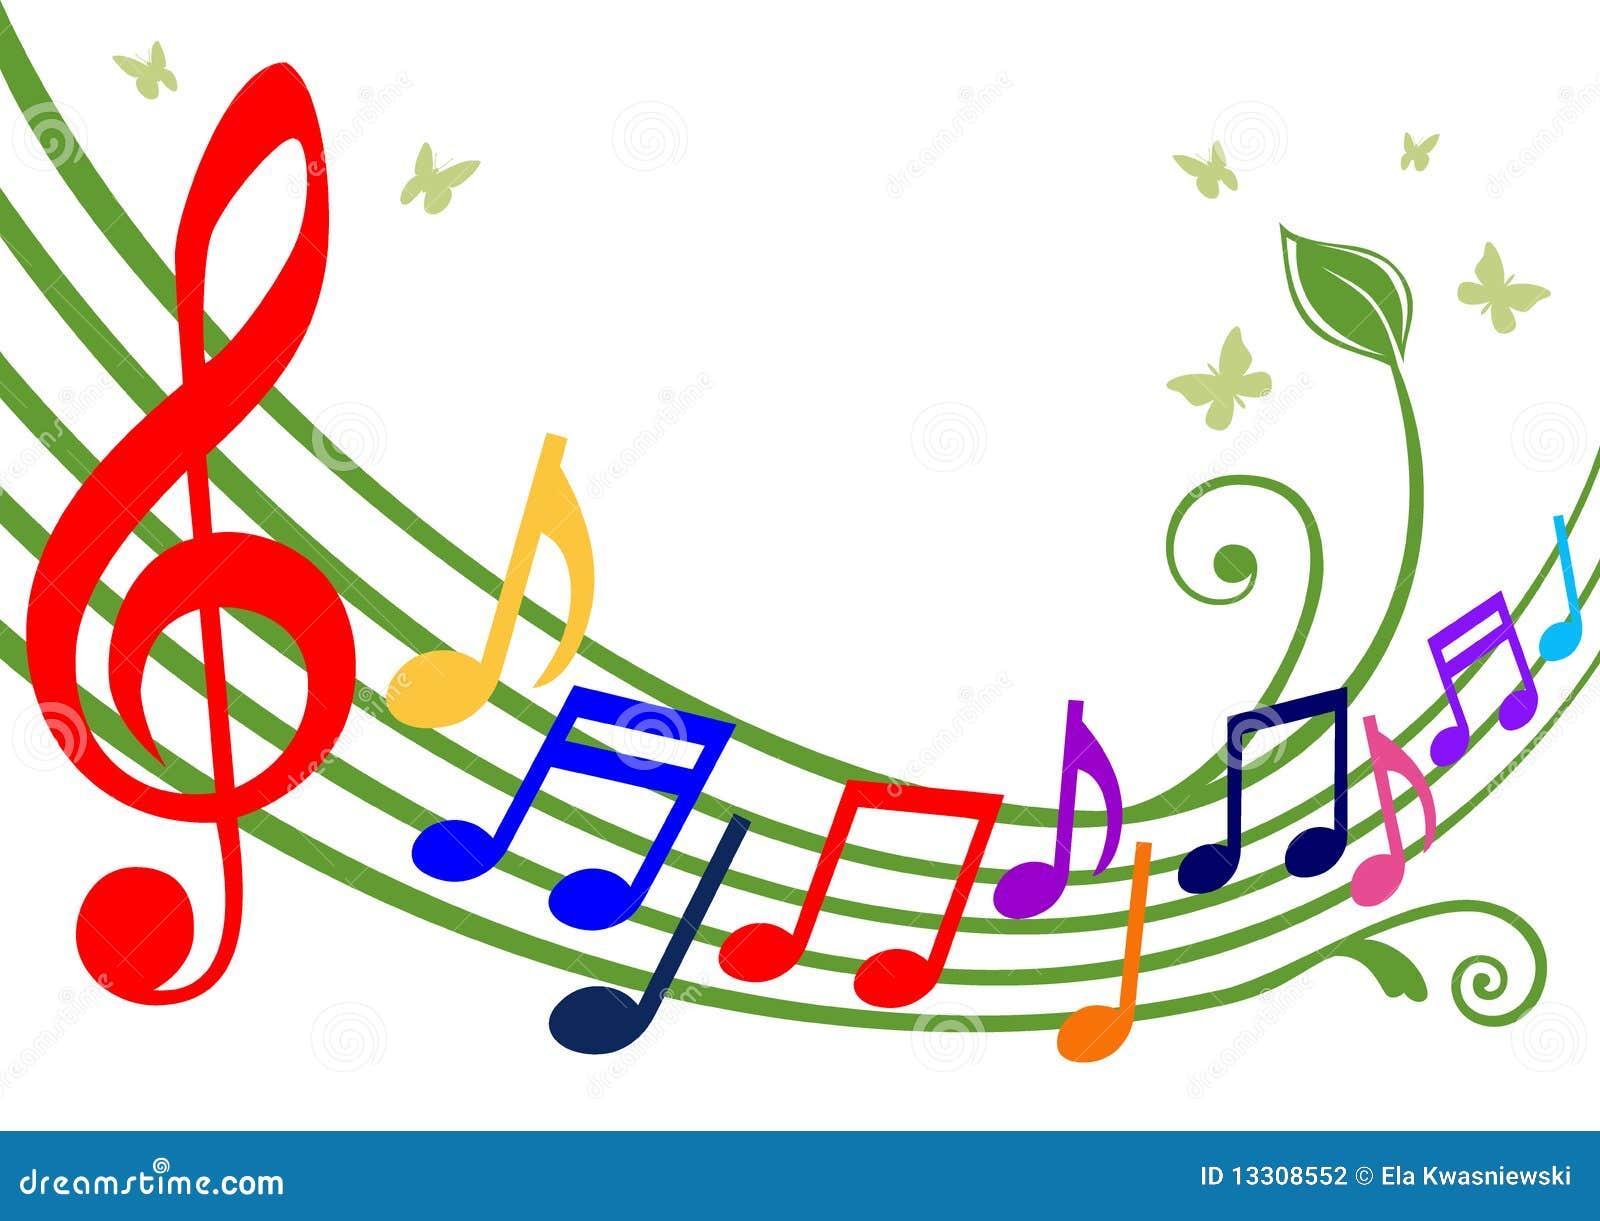 Foto Nota Musical ~ Notas musicais coloridas ilustraç u00e3o do vetor Ilustraç u00e3o de divertimento 13308552